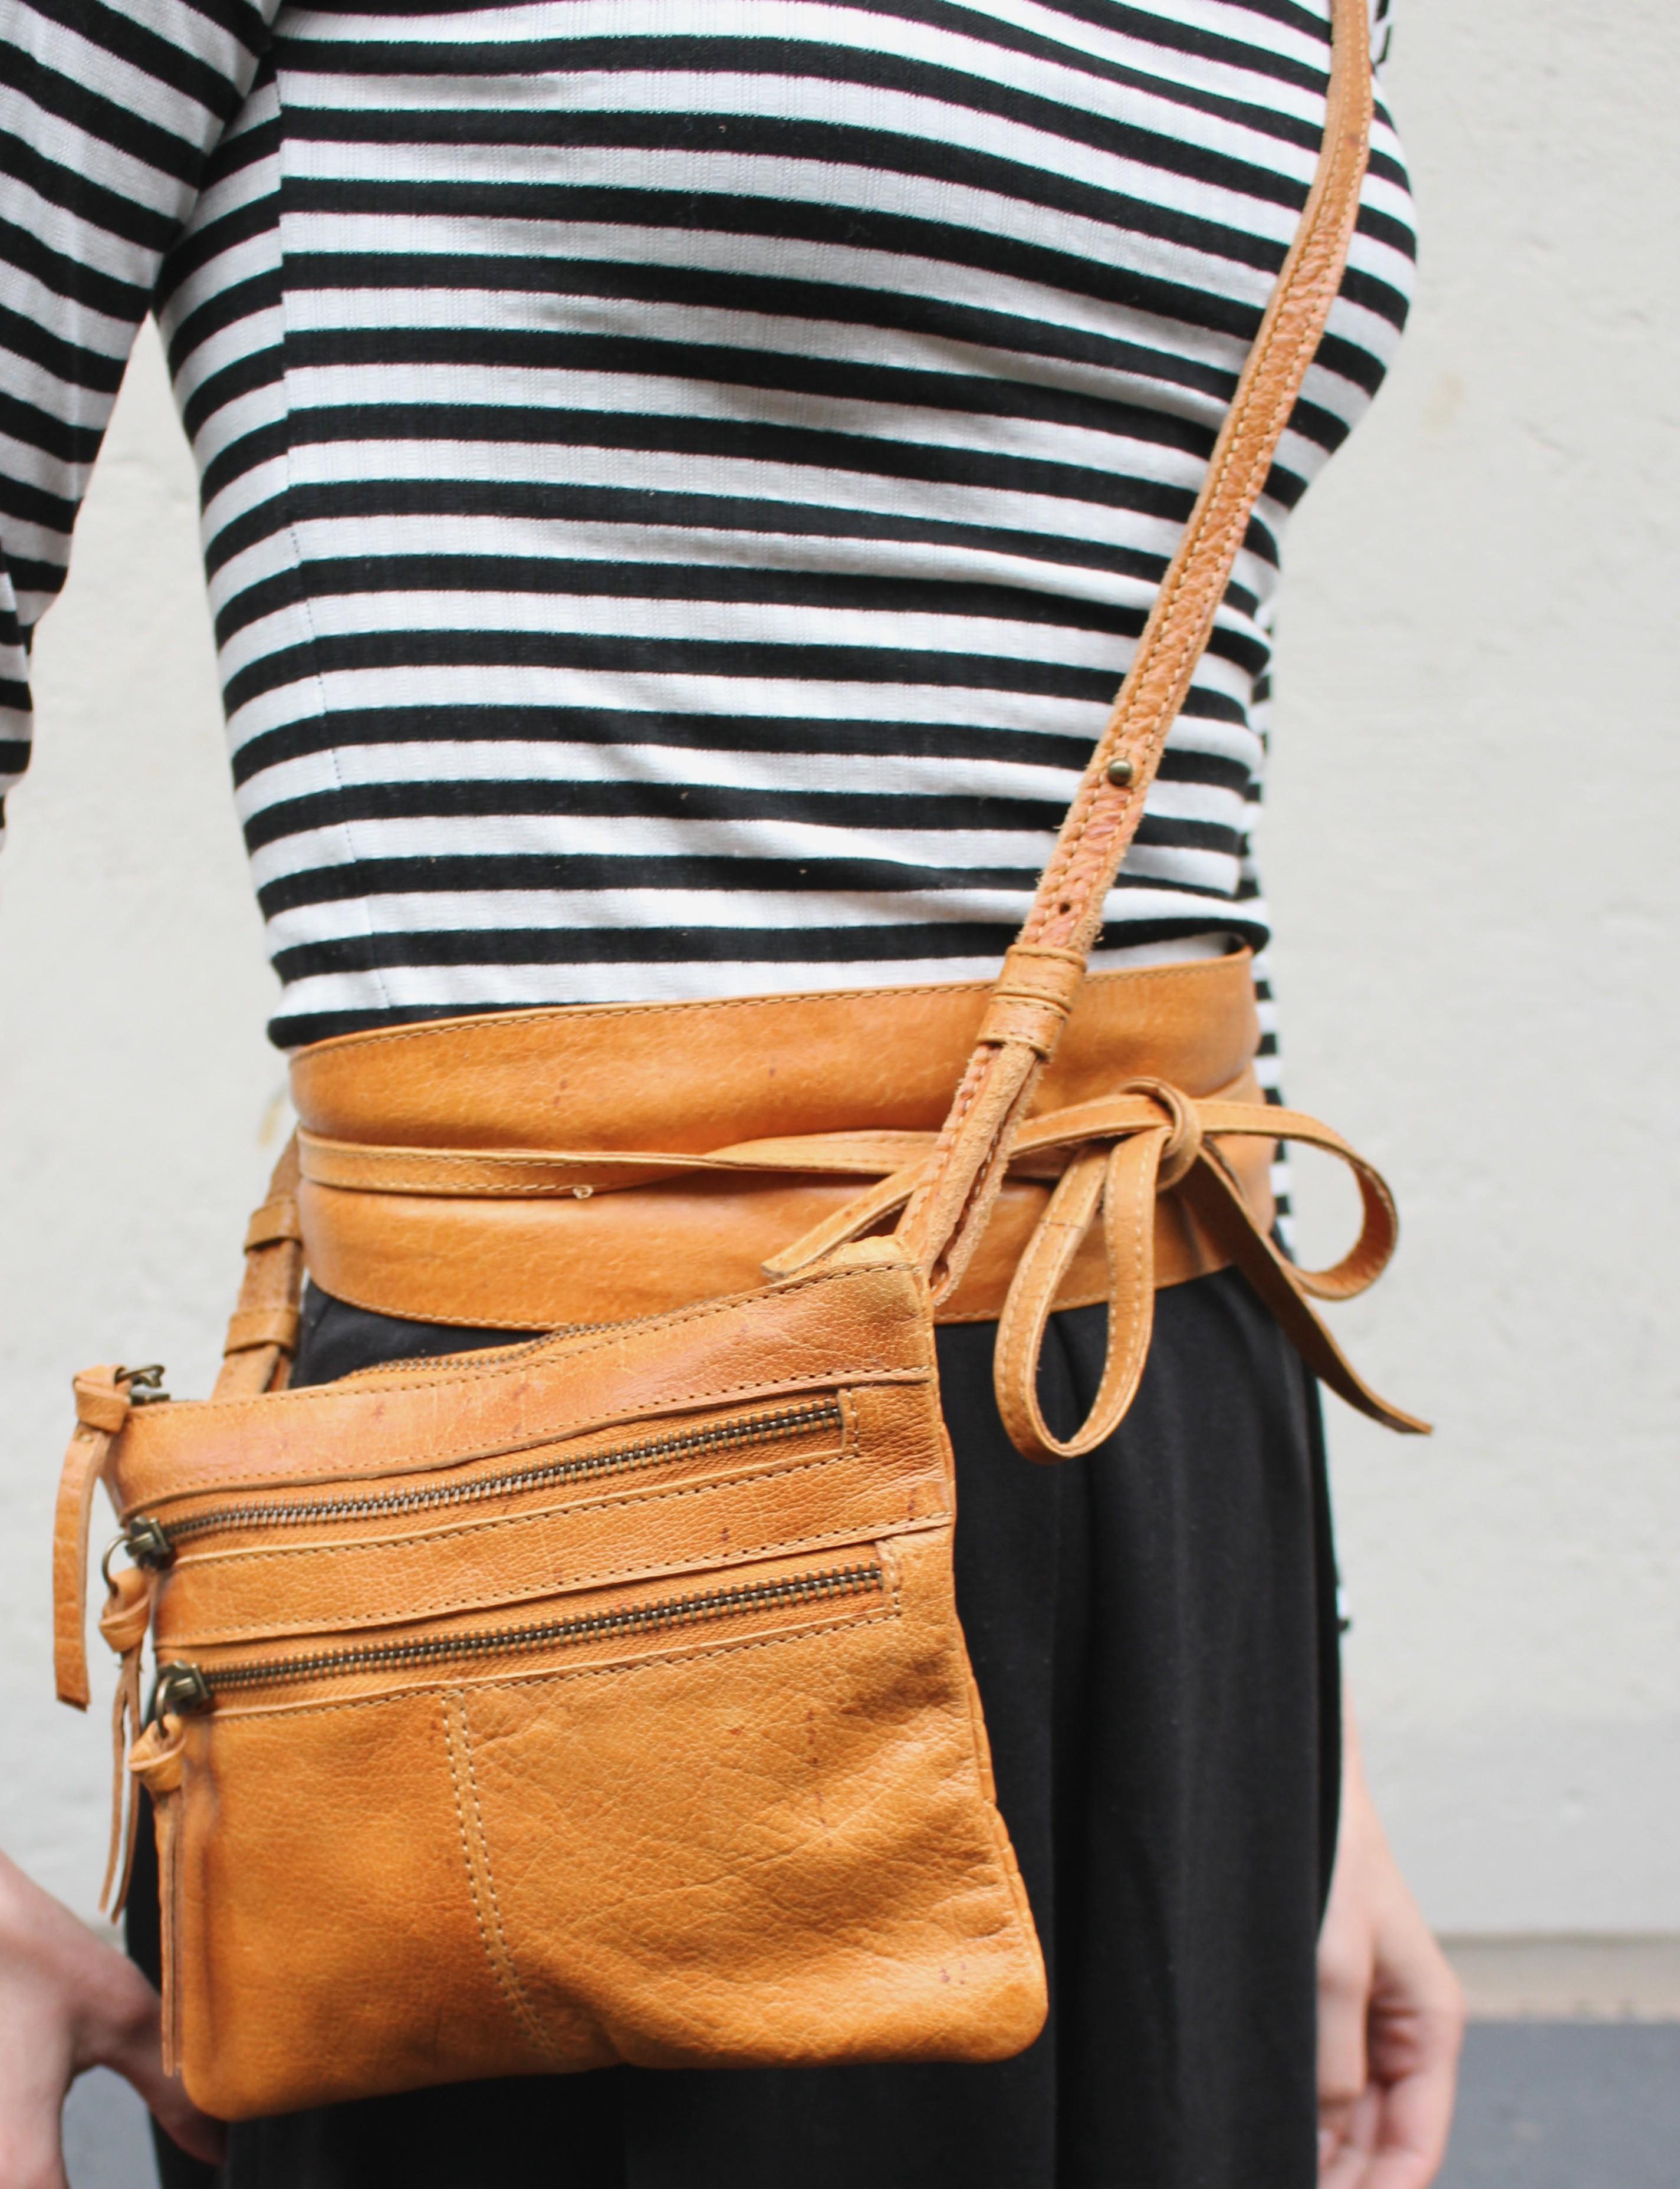 Millainen Laukku Baariin : Uutuudet dress code confidence